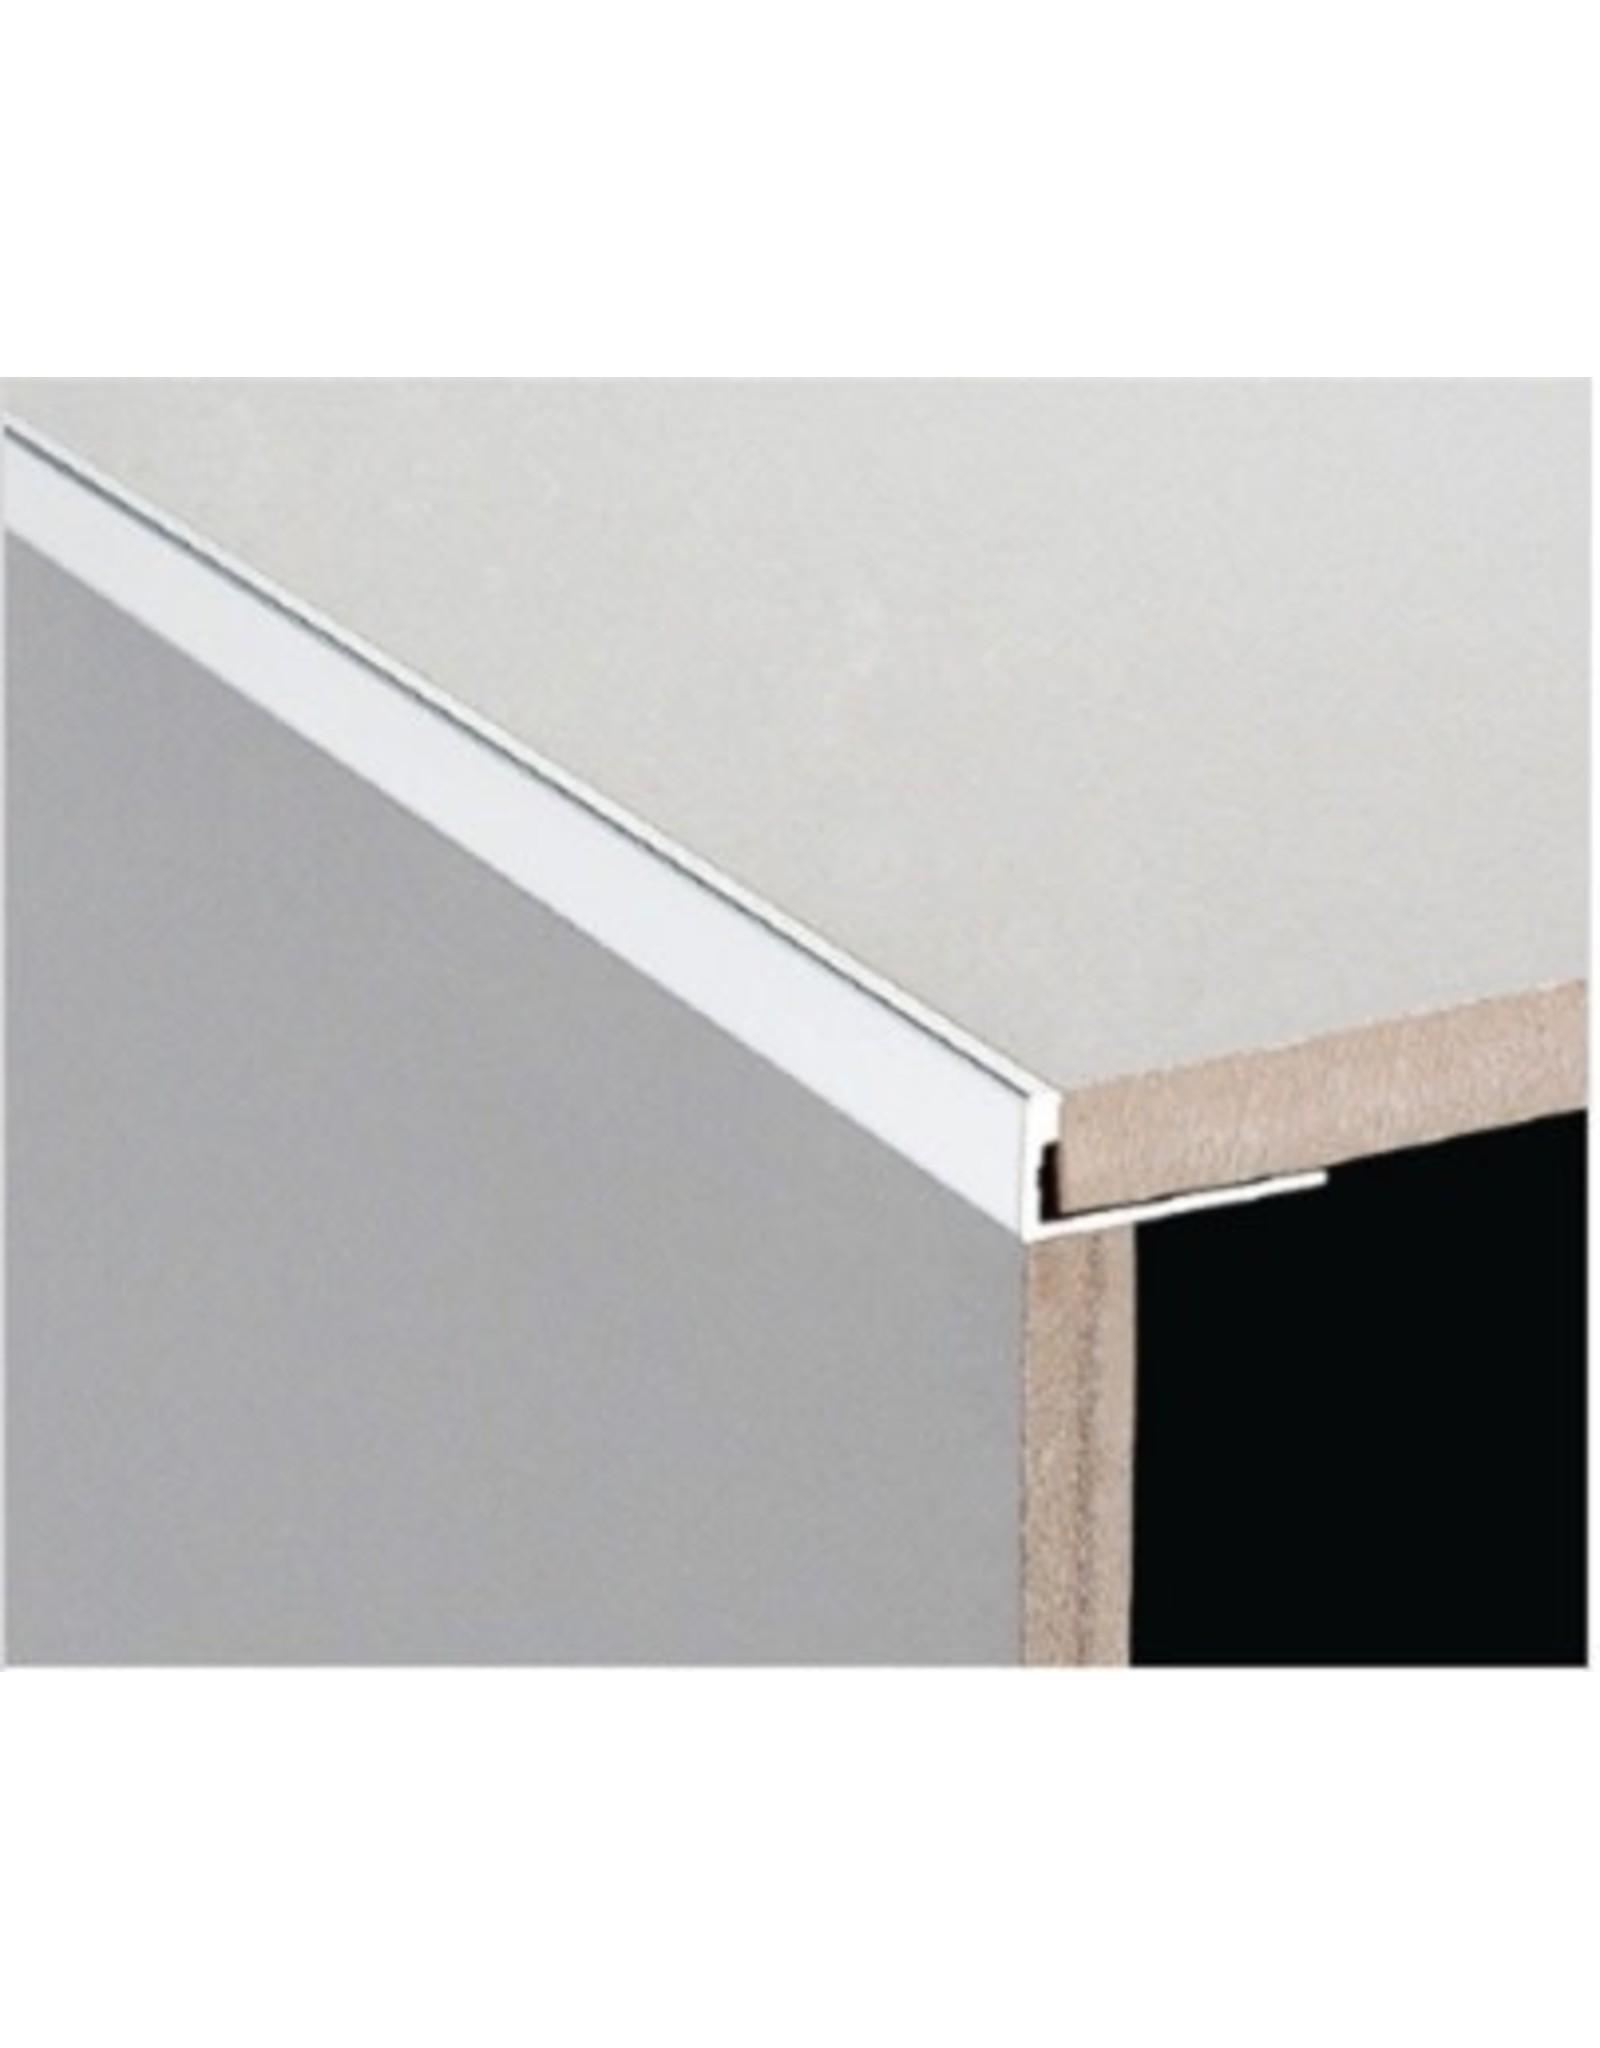 DTA 15mm DTA Aluminium L-Shape Trim Bright Silver